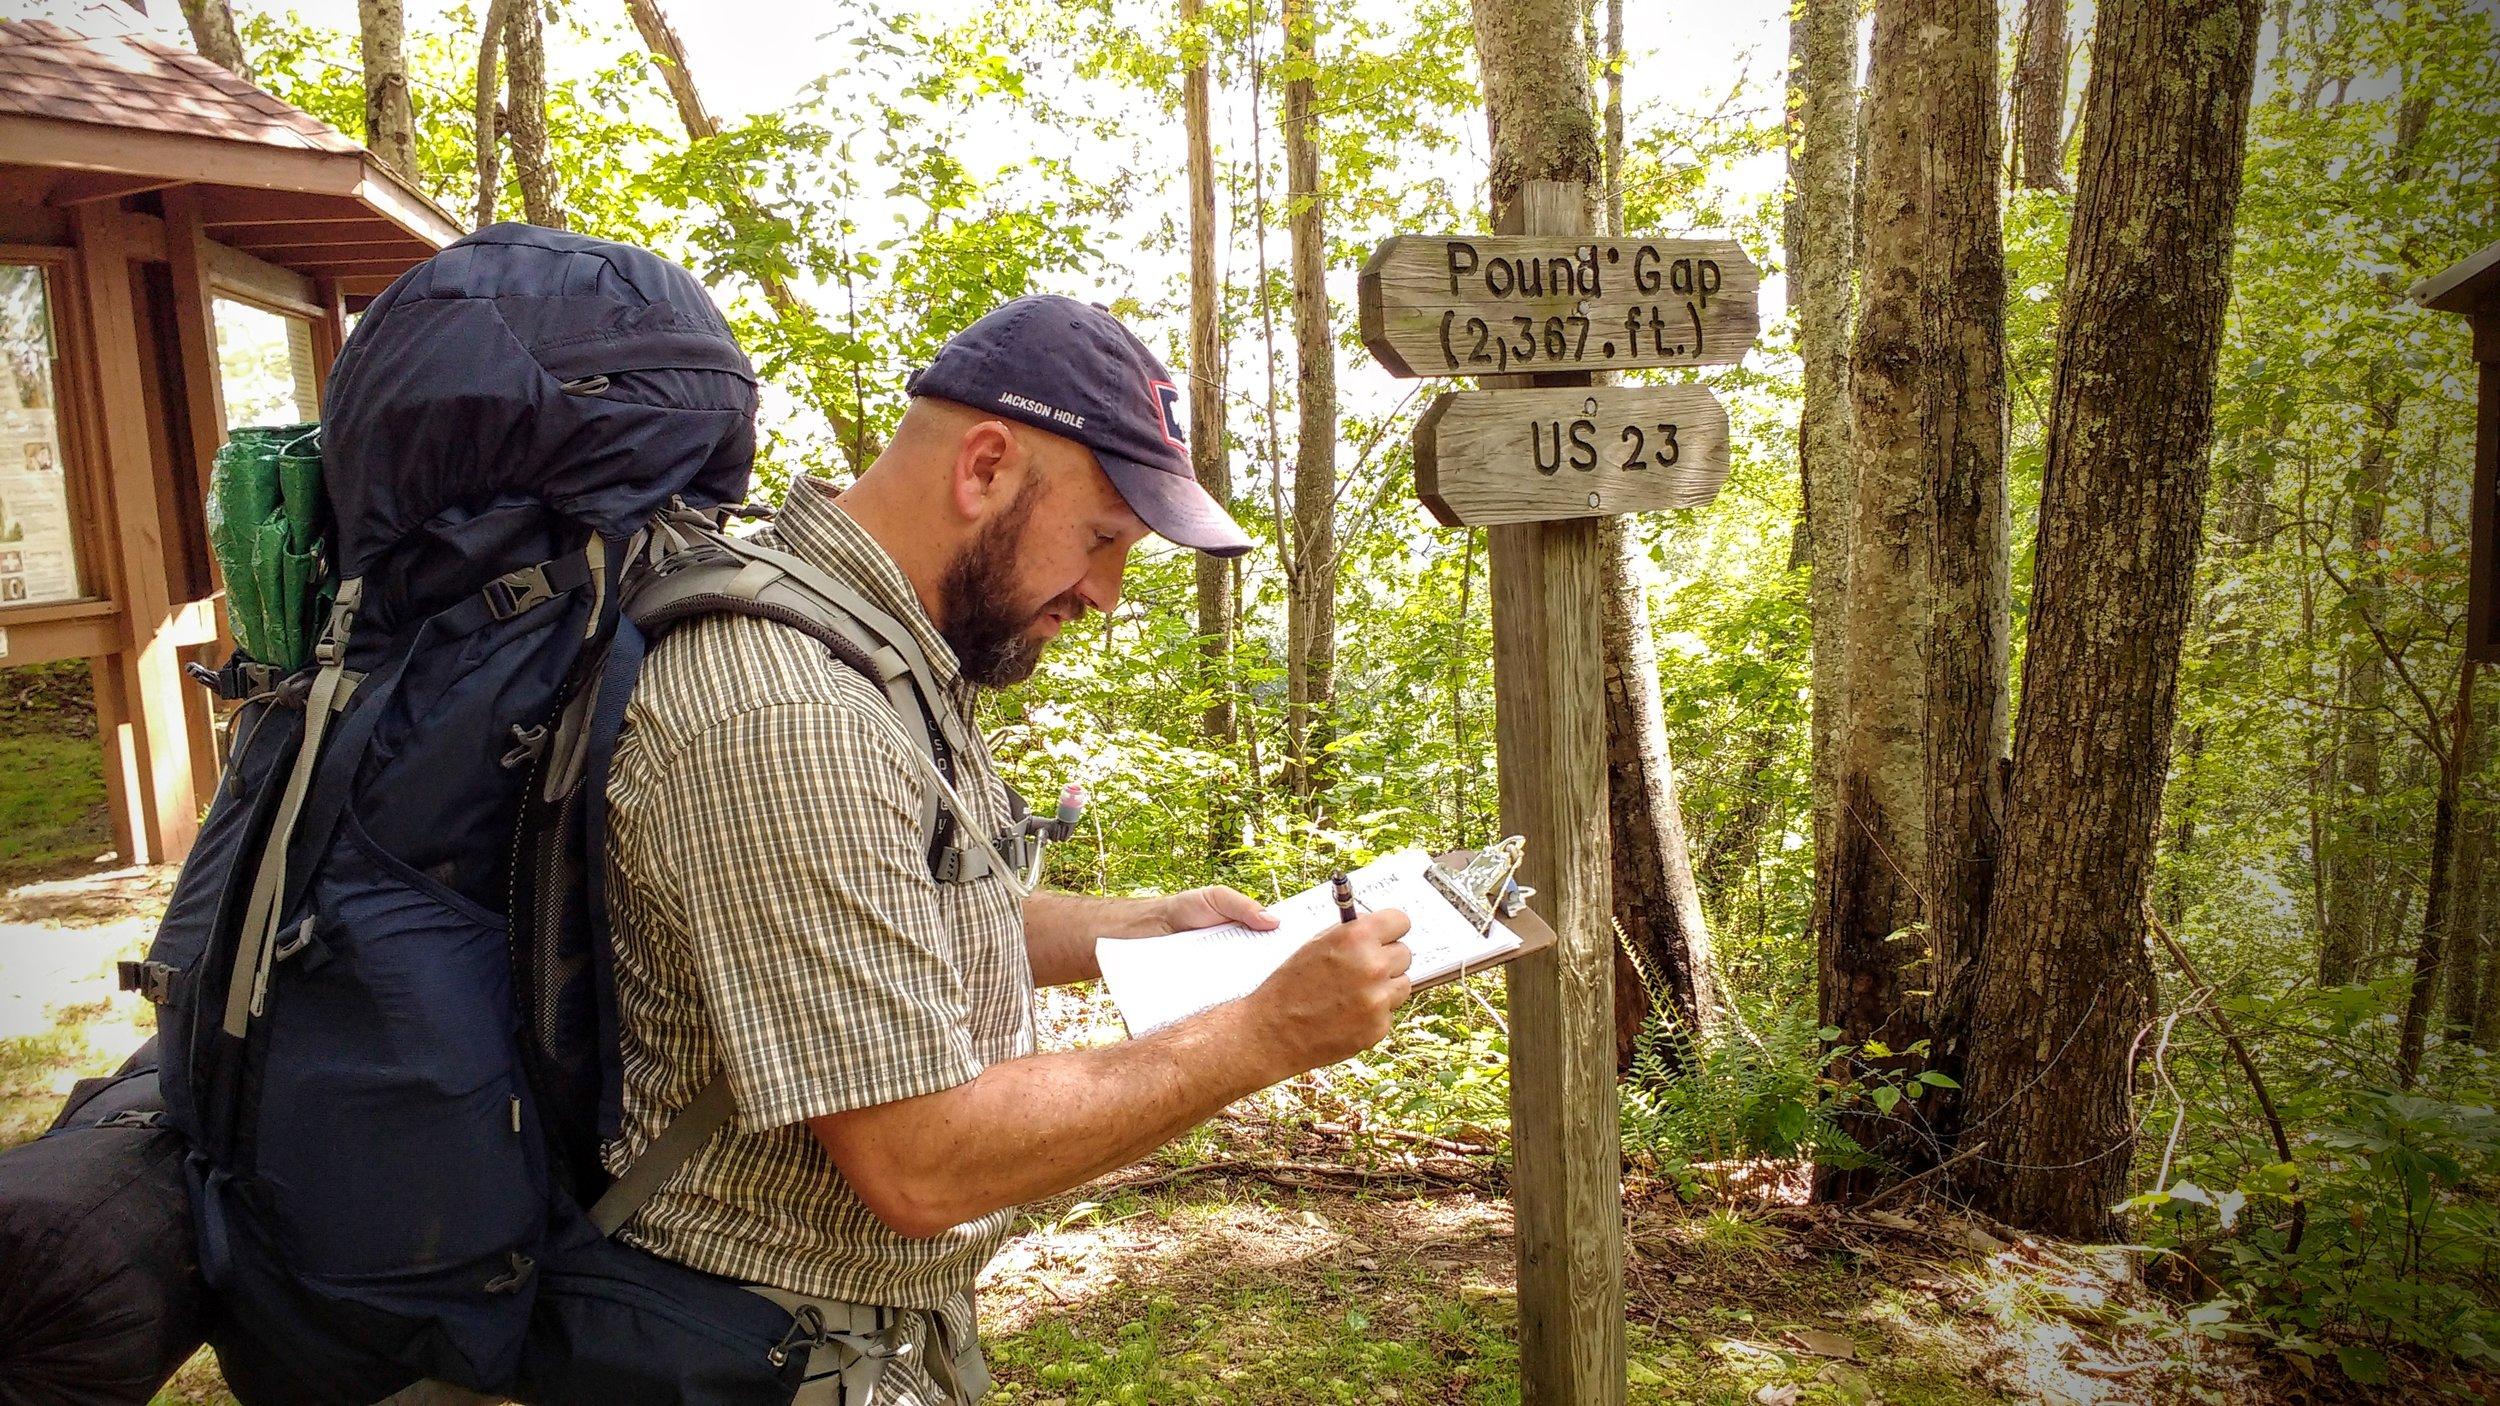 Bork signing in at Pound Gap on Pine Mountain Trail